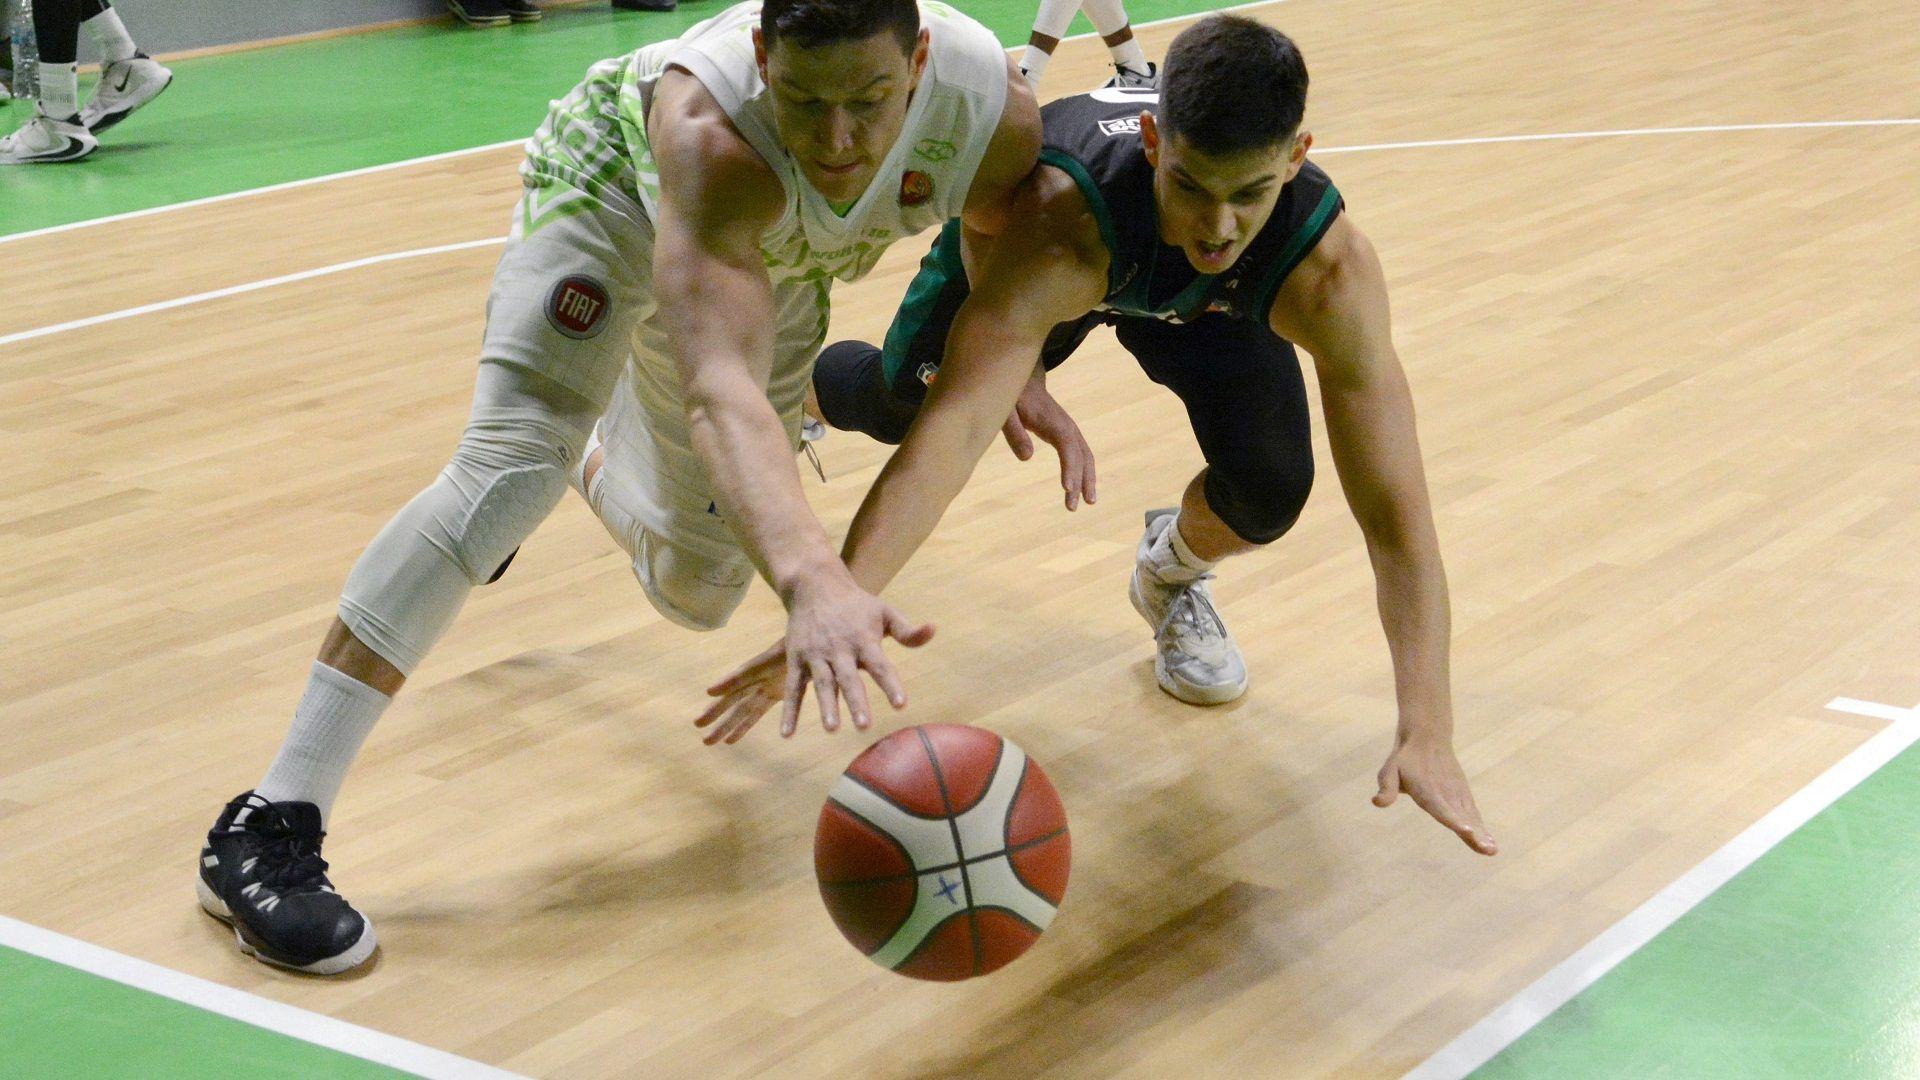 Исторически мач с четири продължения и 244 точки в родния баскетбол